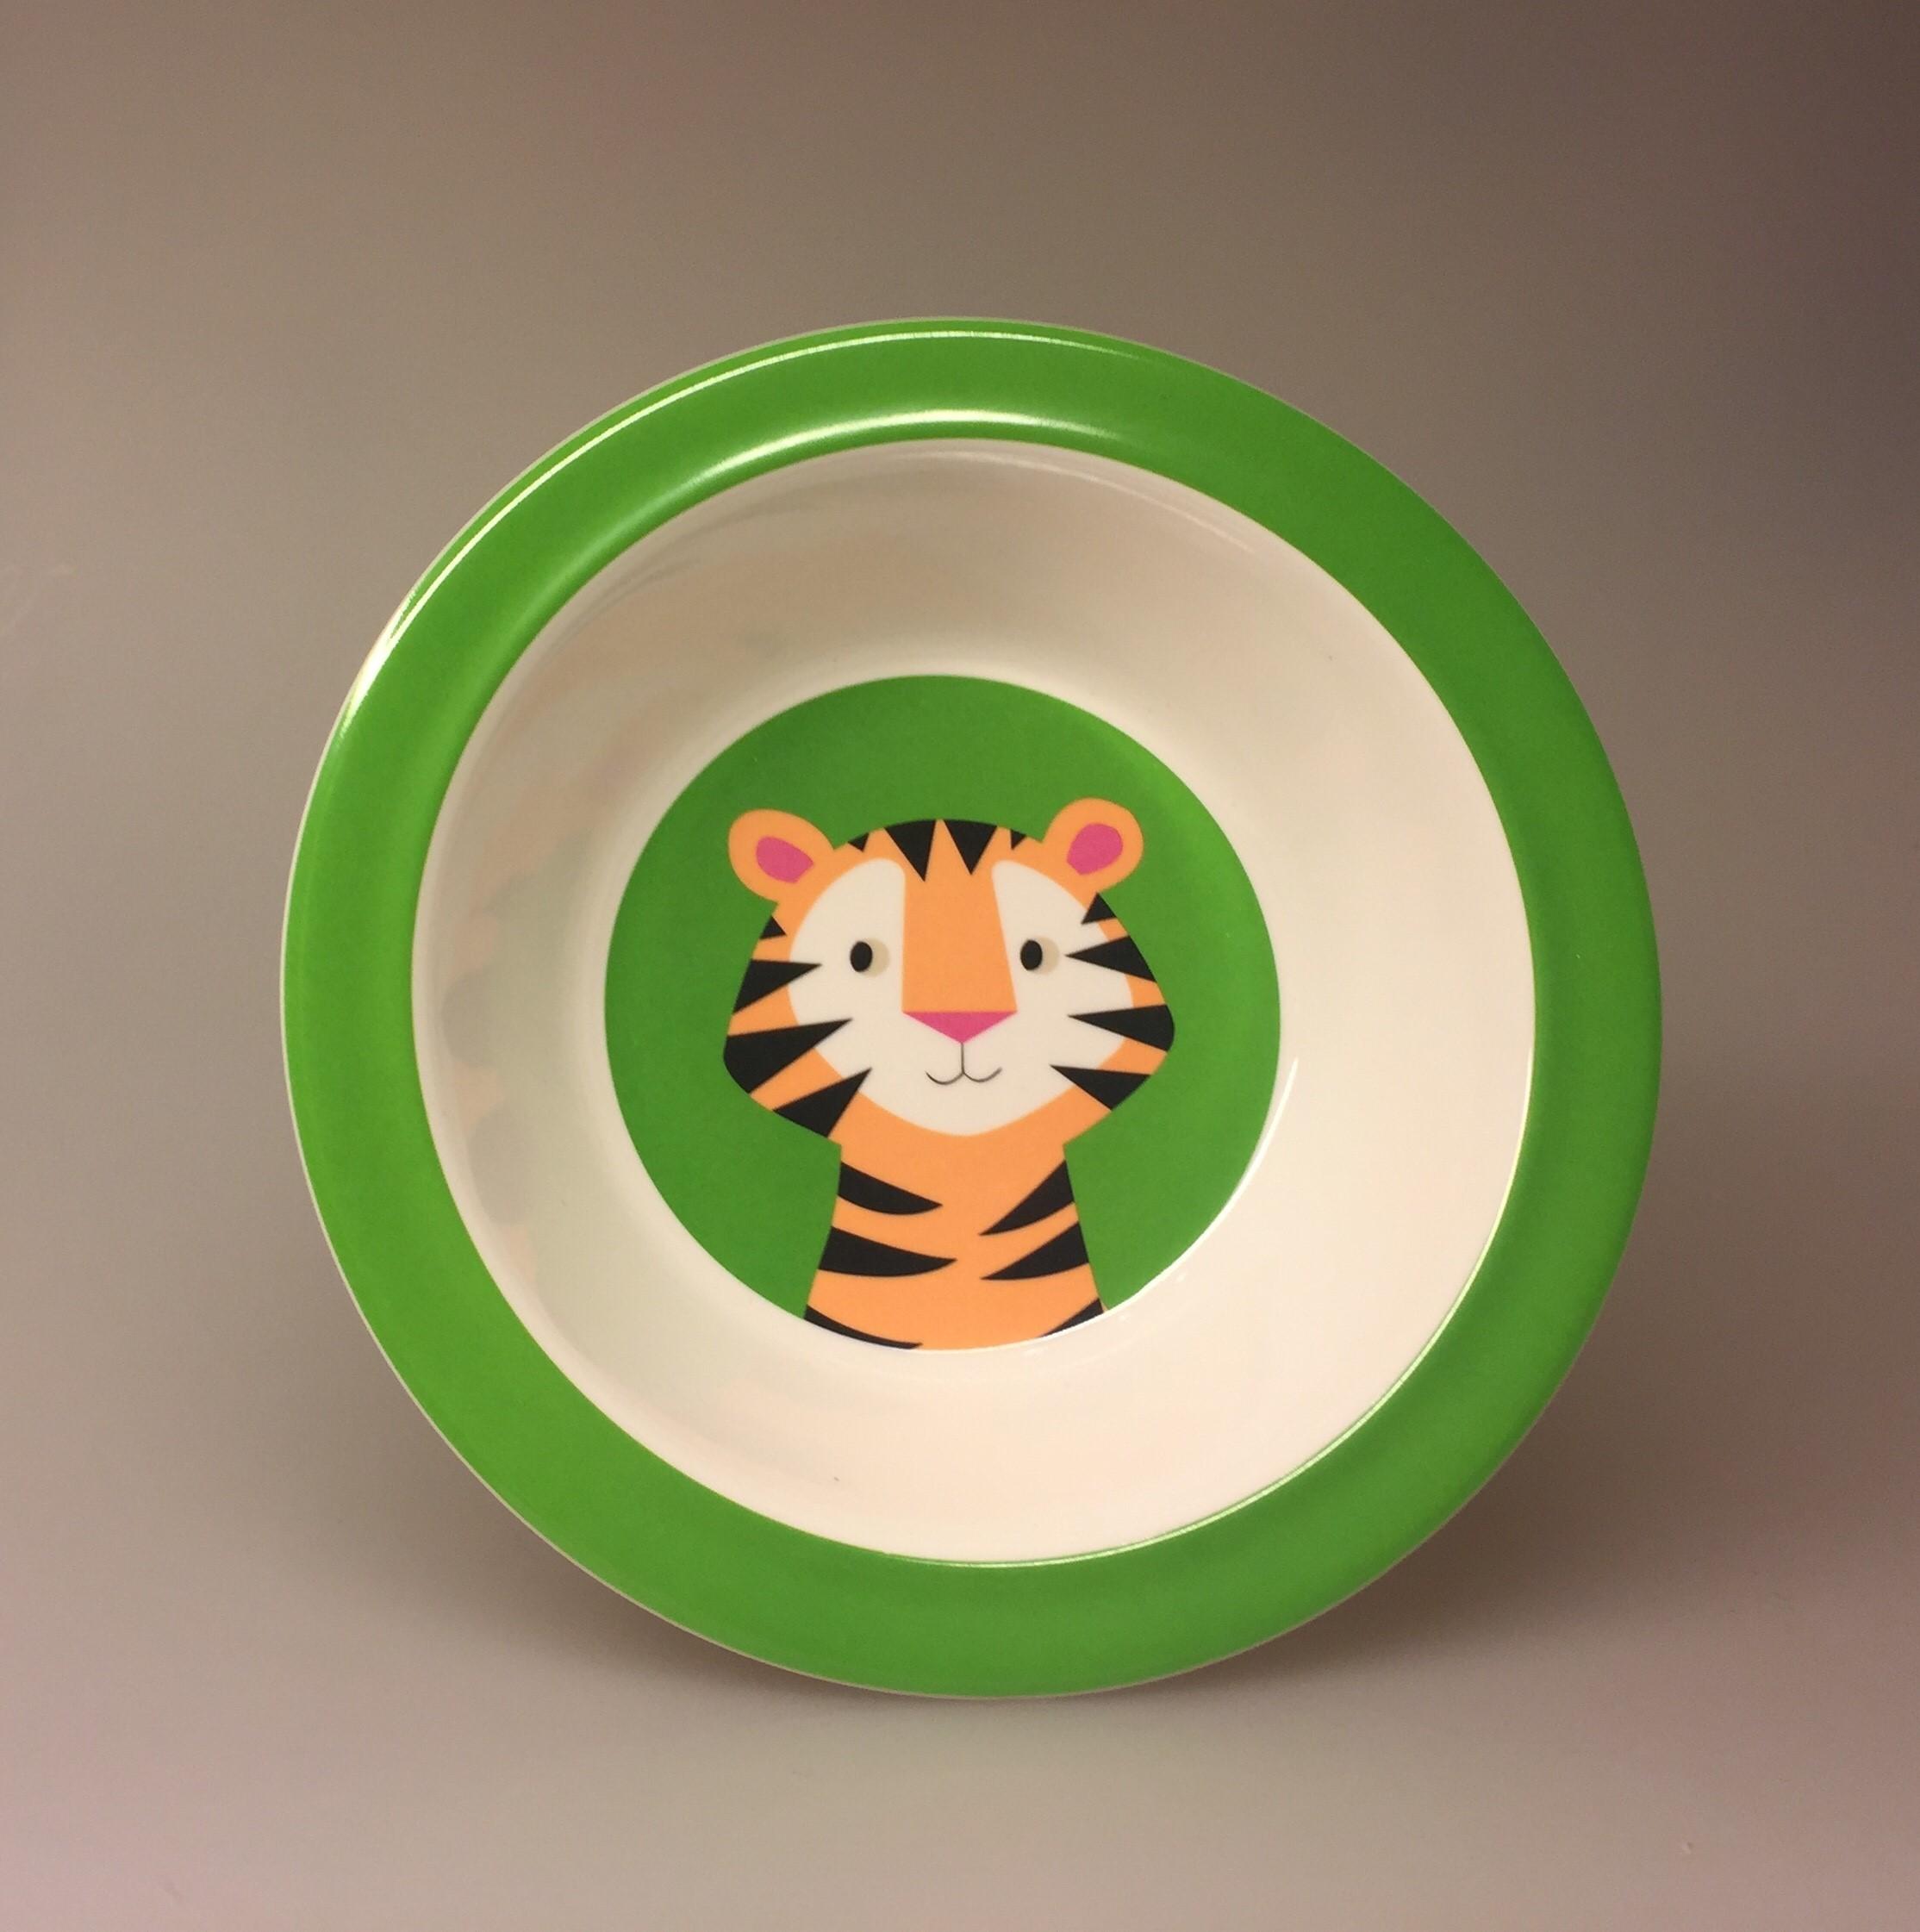 Dyb Tallerken melamin- Tiger,Tallerken - Dyb - Tiger, tigerskål, skål, morgenmad, morgenmadsskål, børneskål, børnetallerken, vilde dyr, safari, grøn, frisk, sød, sej, praktisk,